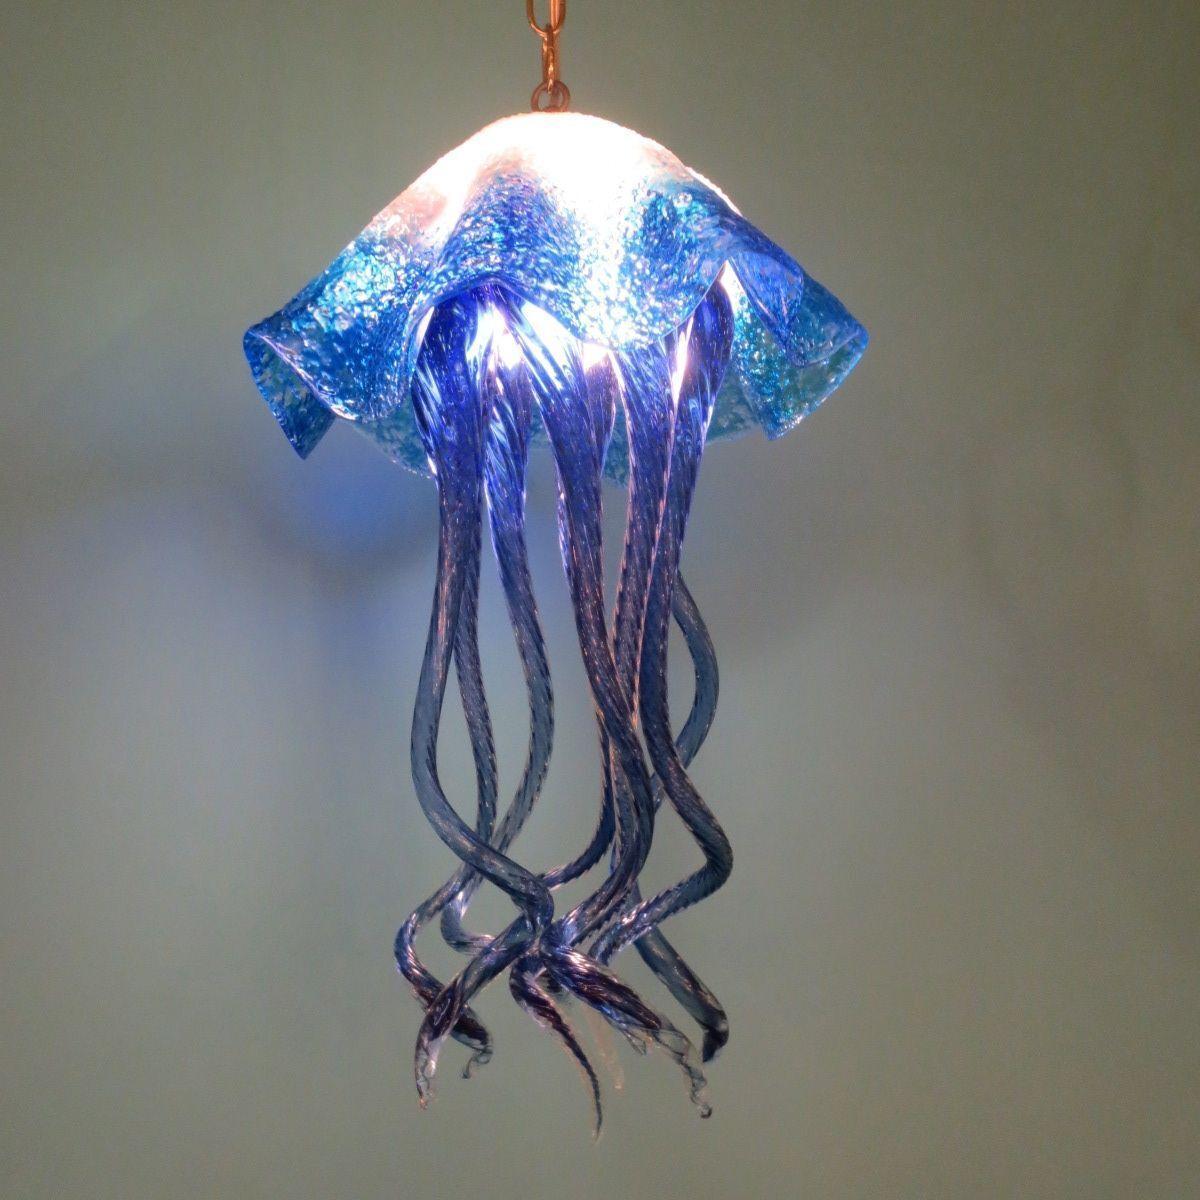 Peixe Estilo Blown Plate Glass Lustres Arte Moderna Projetado Murano Pingente de vidro Lâmpadas Handmade vidro fundido LED Iluminações para Home Decor